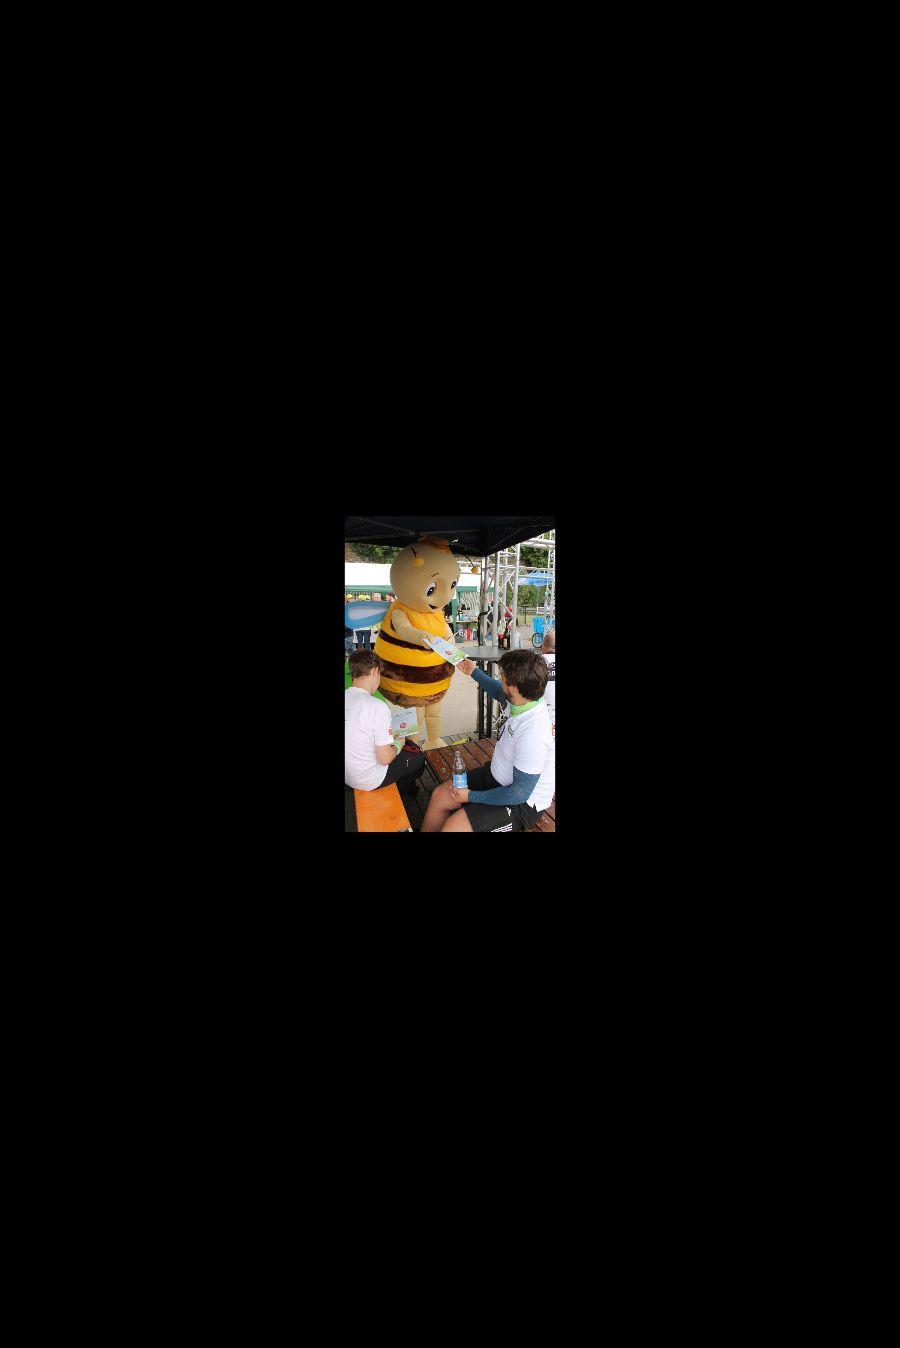 Remsi, das Maskottchen der Remstal Gartenschau 2019, verteilt Urkunden an die Teilnehmer der 24-Stunden-Wanderung.